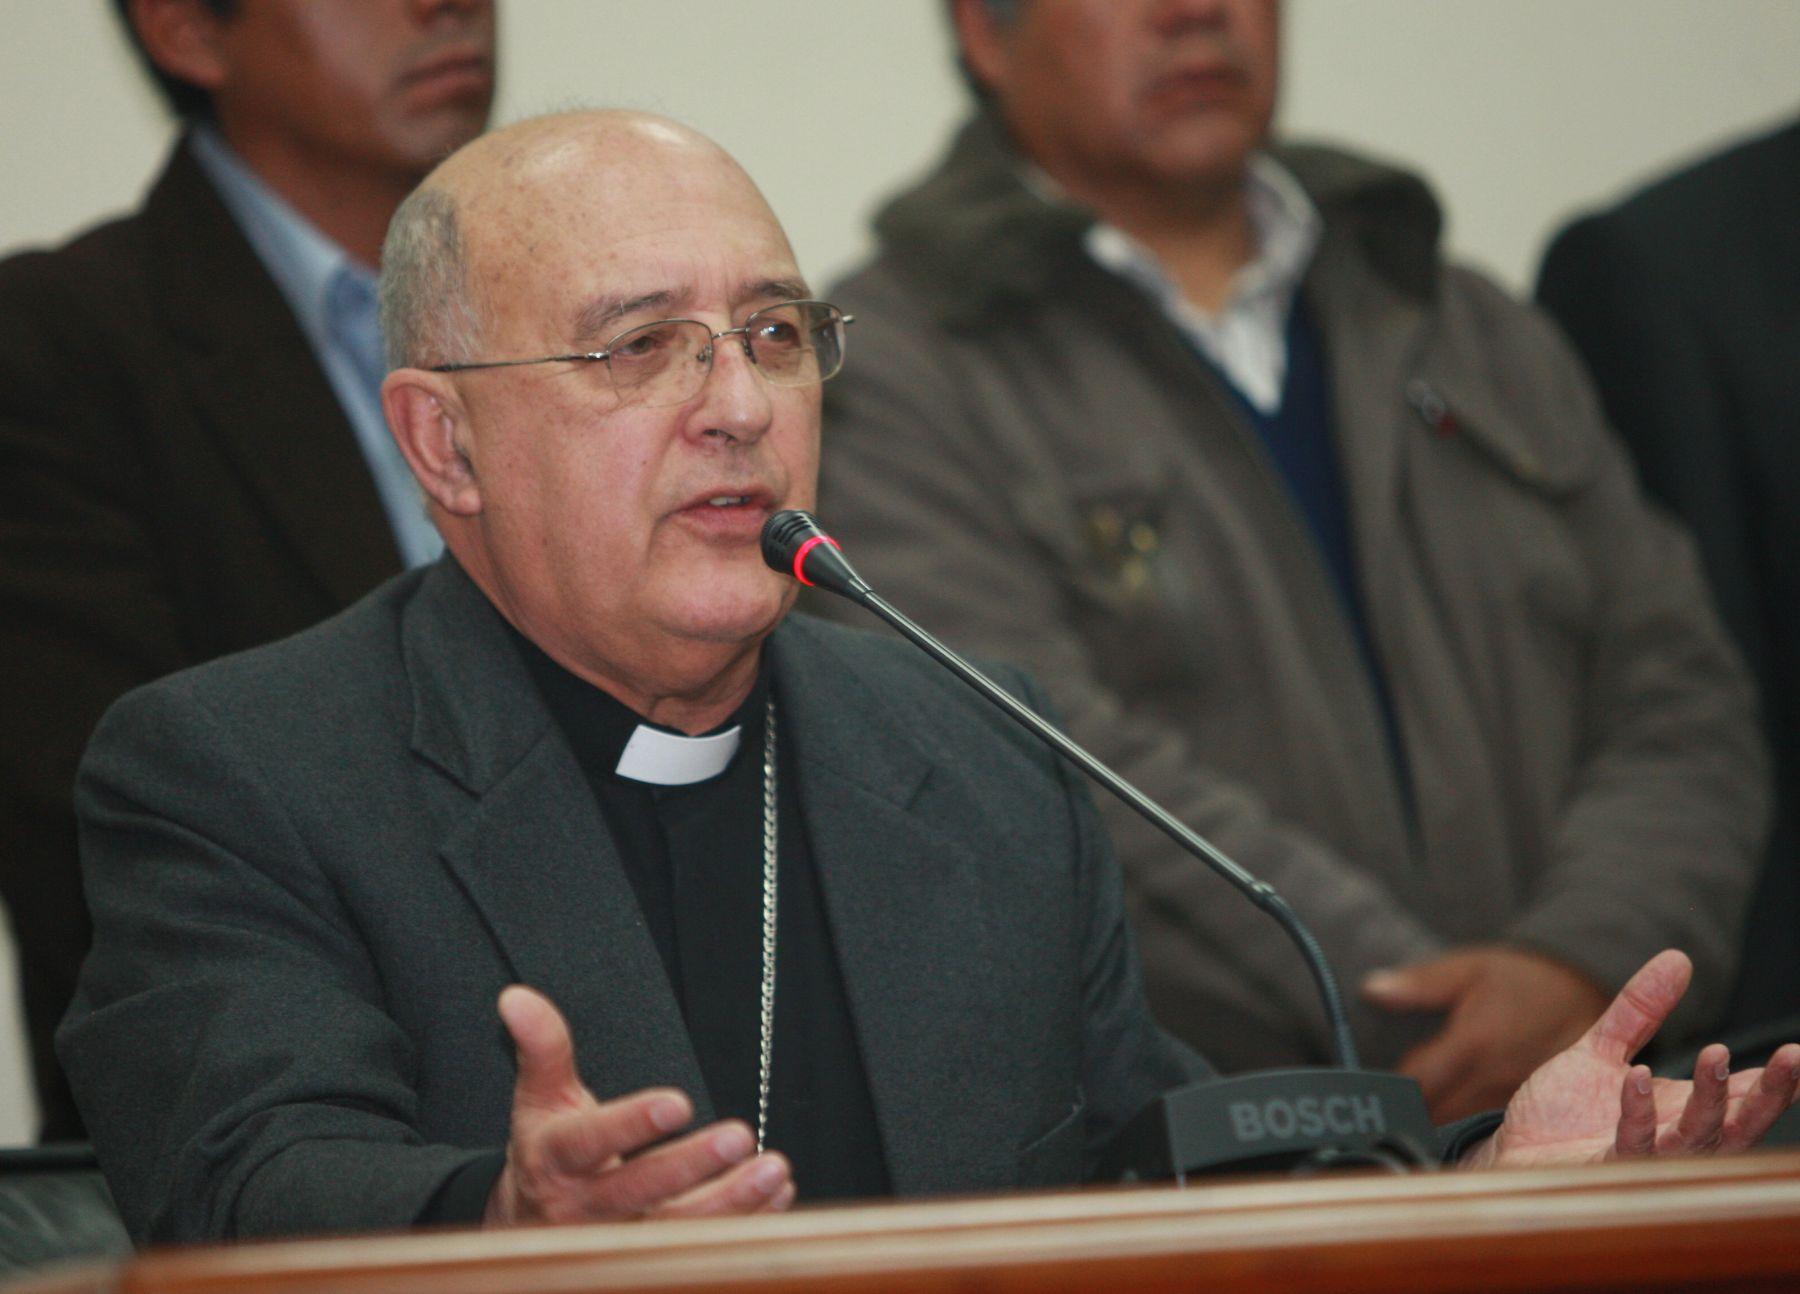 Arzobispo de Huancayo y nuevo cardenal, monseñor Pedro Barreto. Foto: ANDINA/Norman Córdova